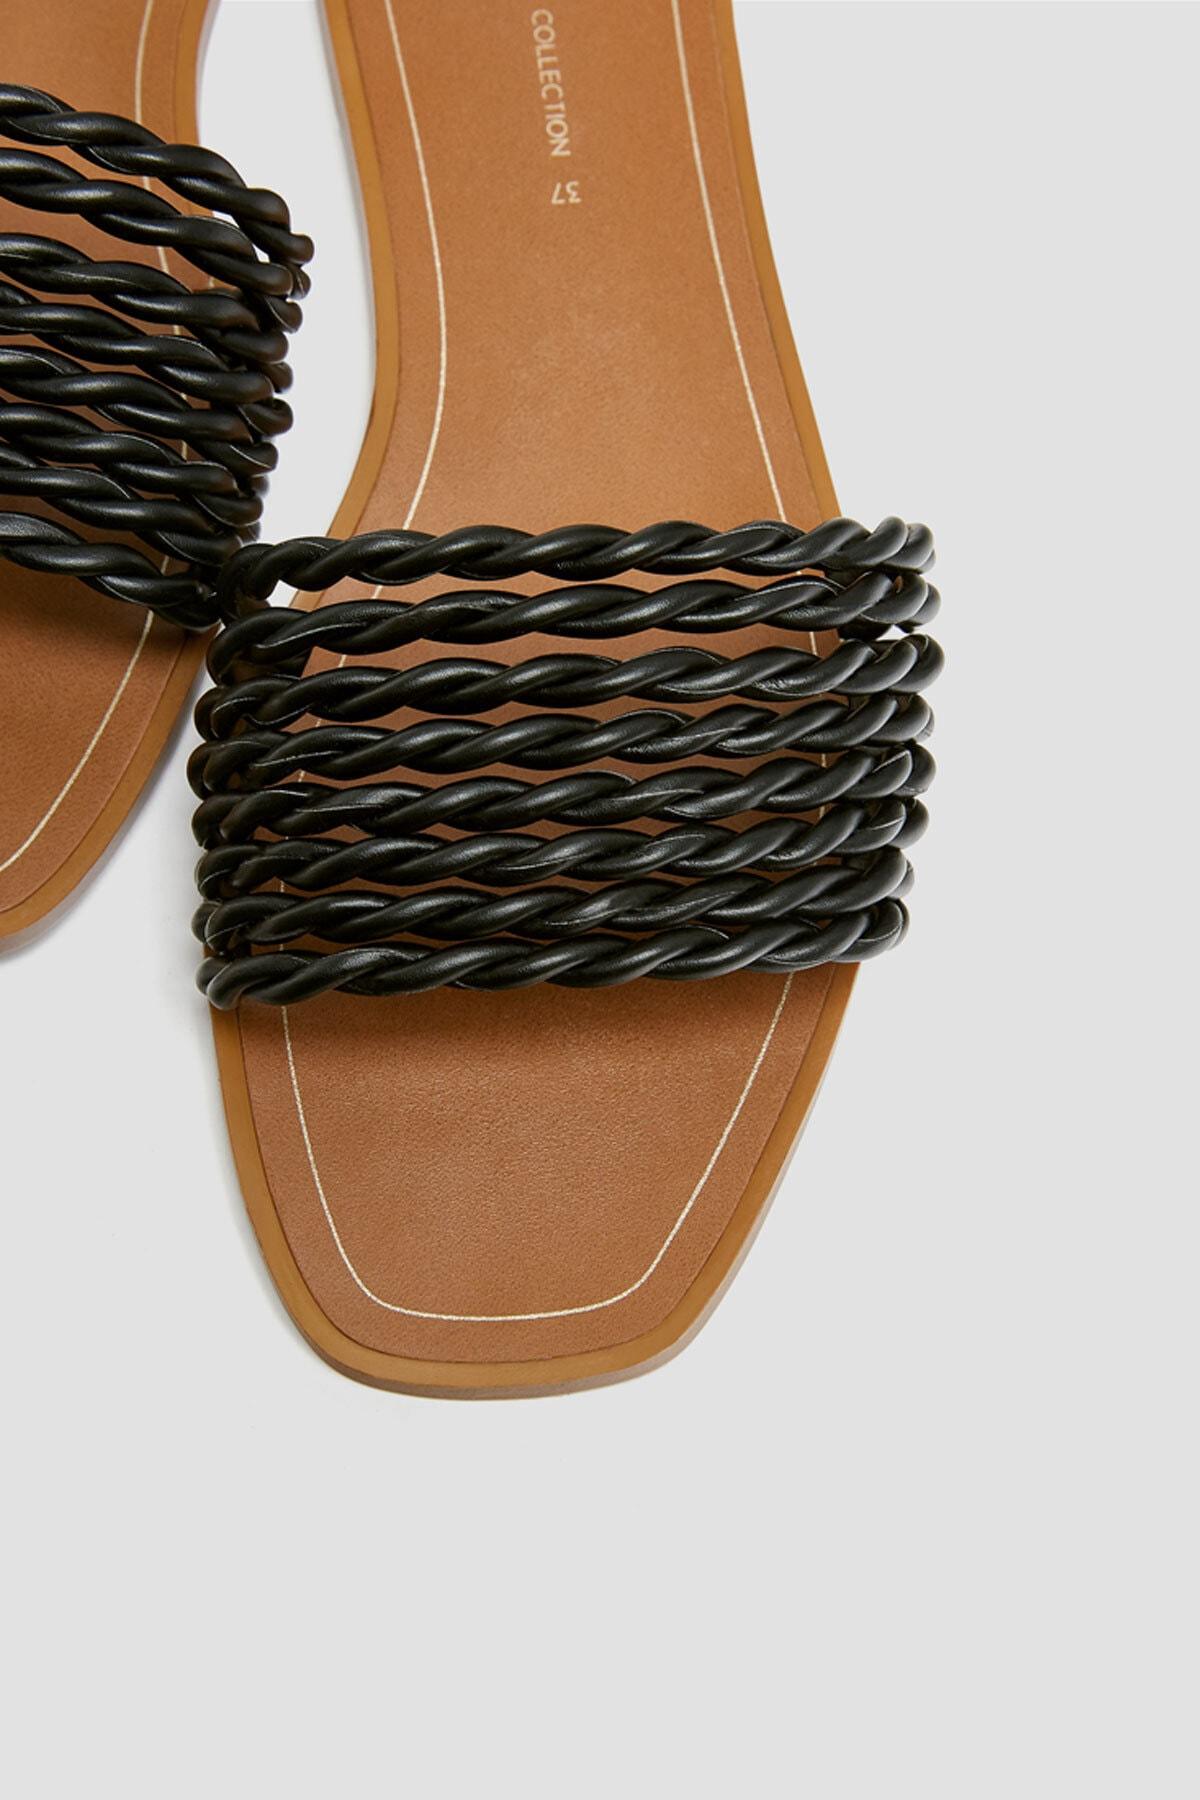 Pull & Bear Kadın Siyah Örgü Bantlı Siyah Sandalet 11557540 4